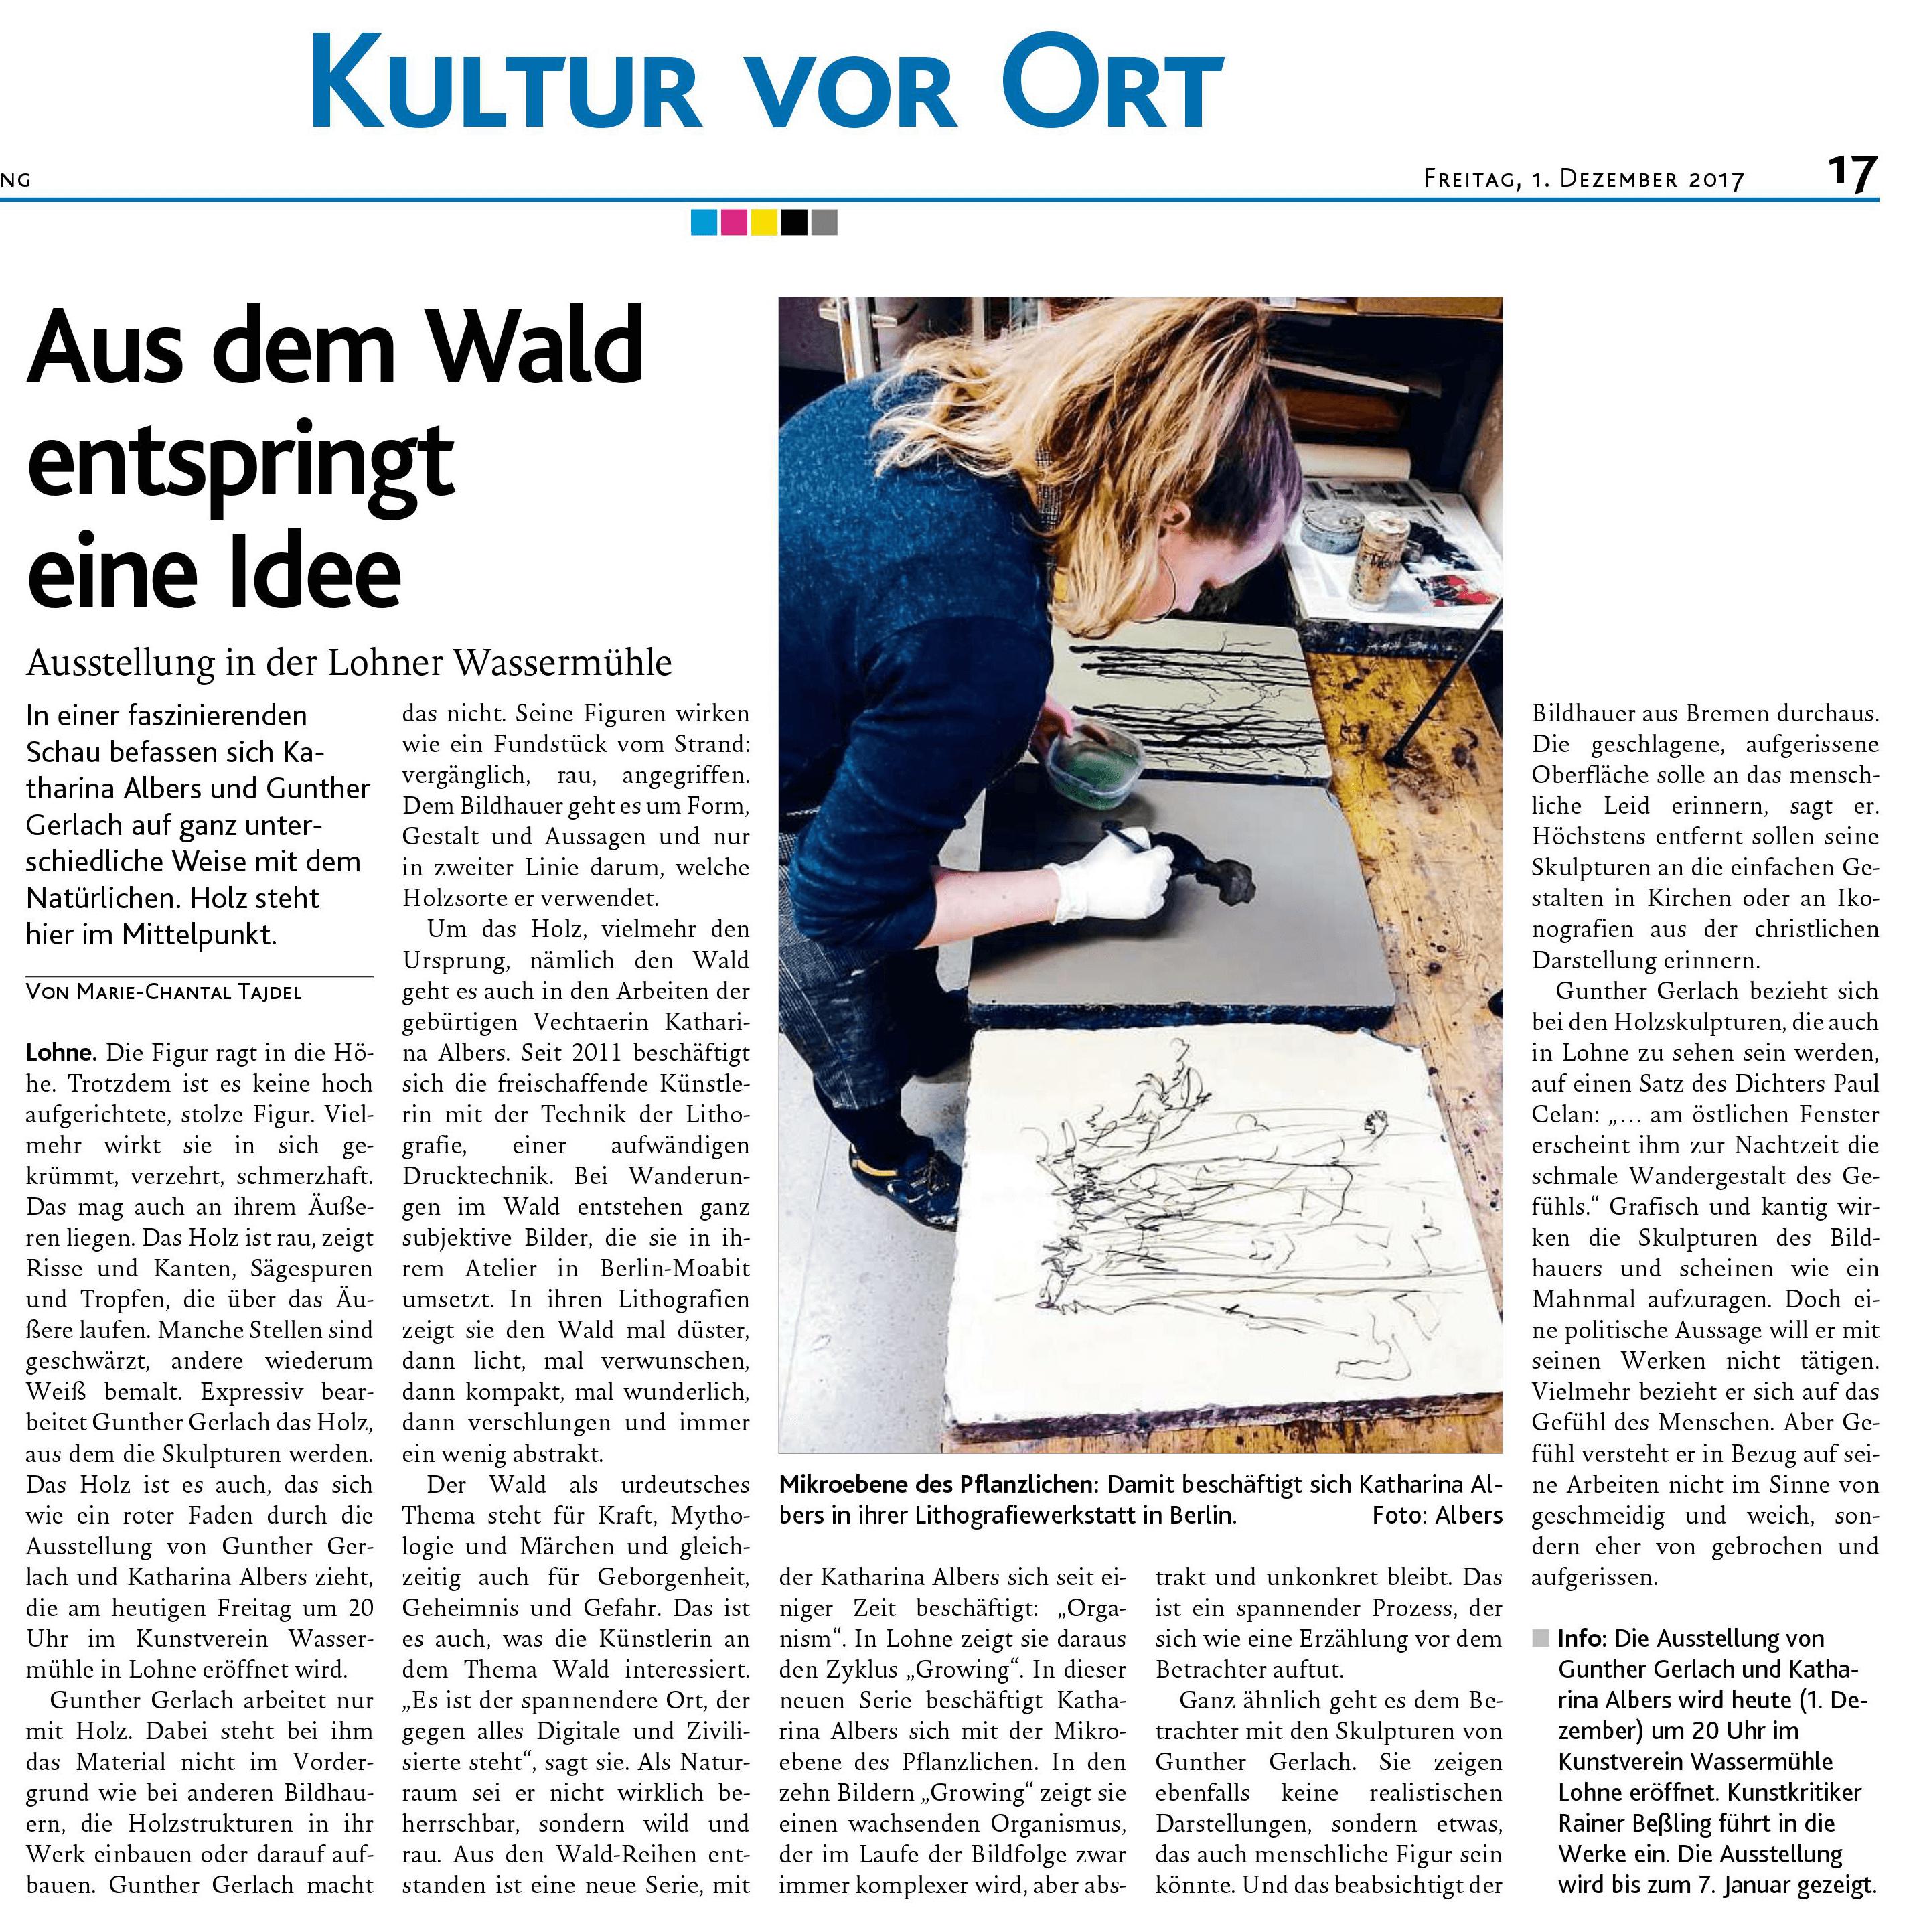 Katharina Albers, Wald, Natur, Lithographie, Kunstverein Die Wassermühle Lohne